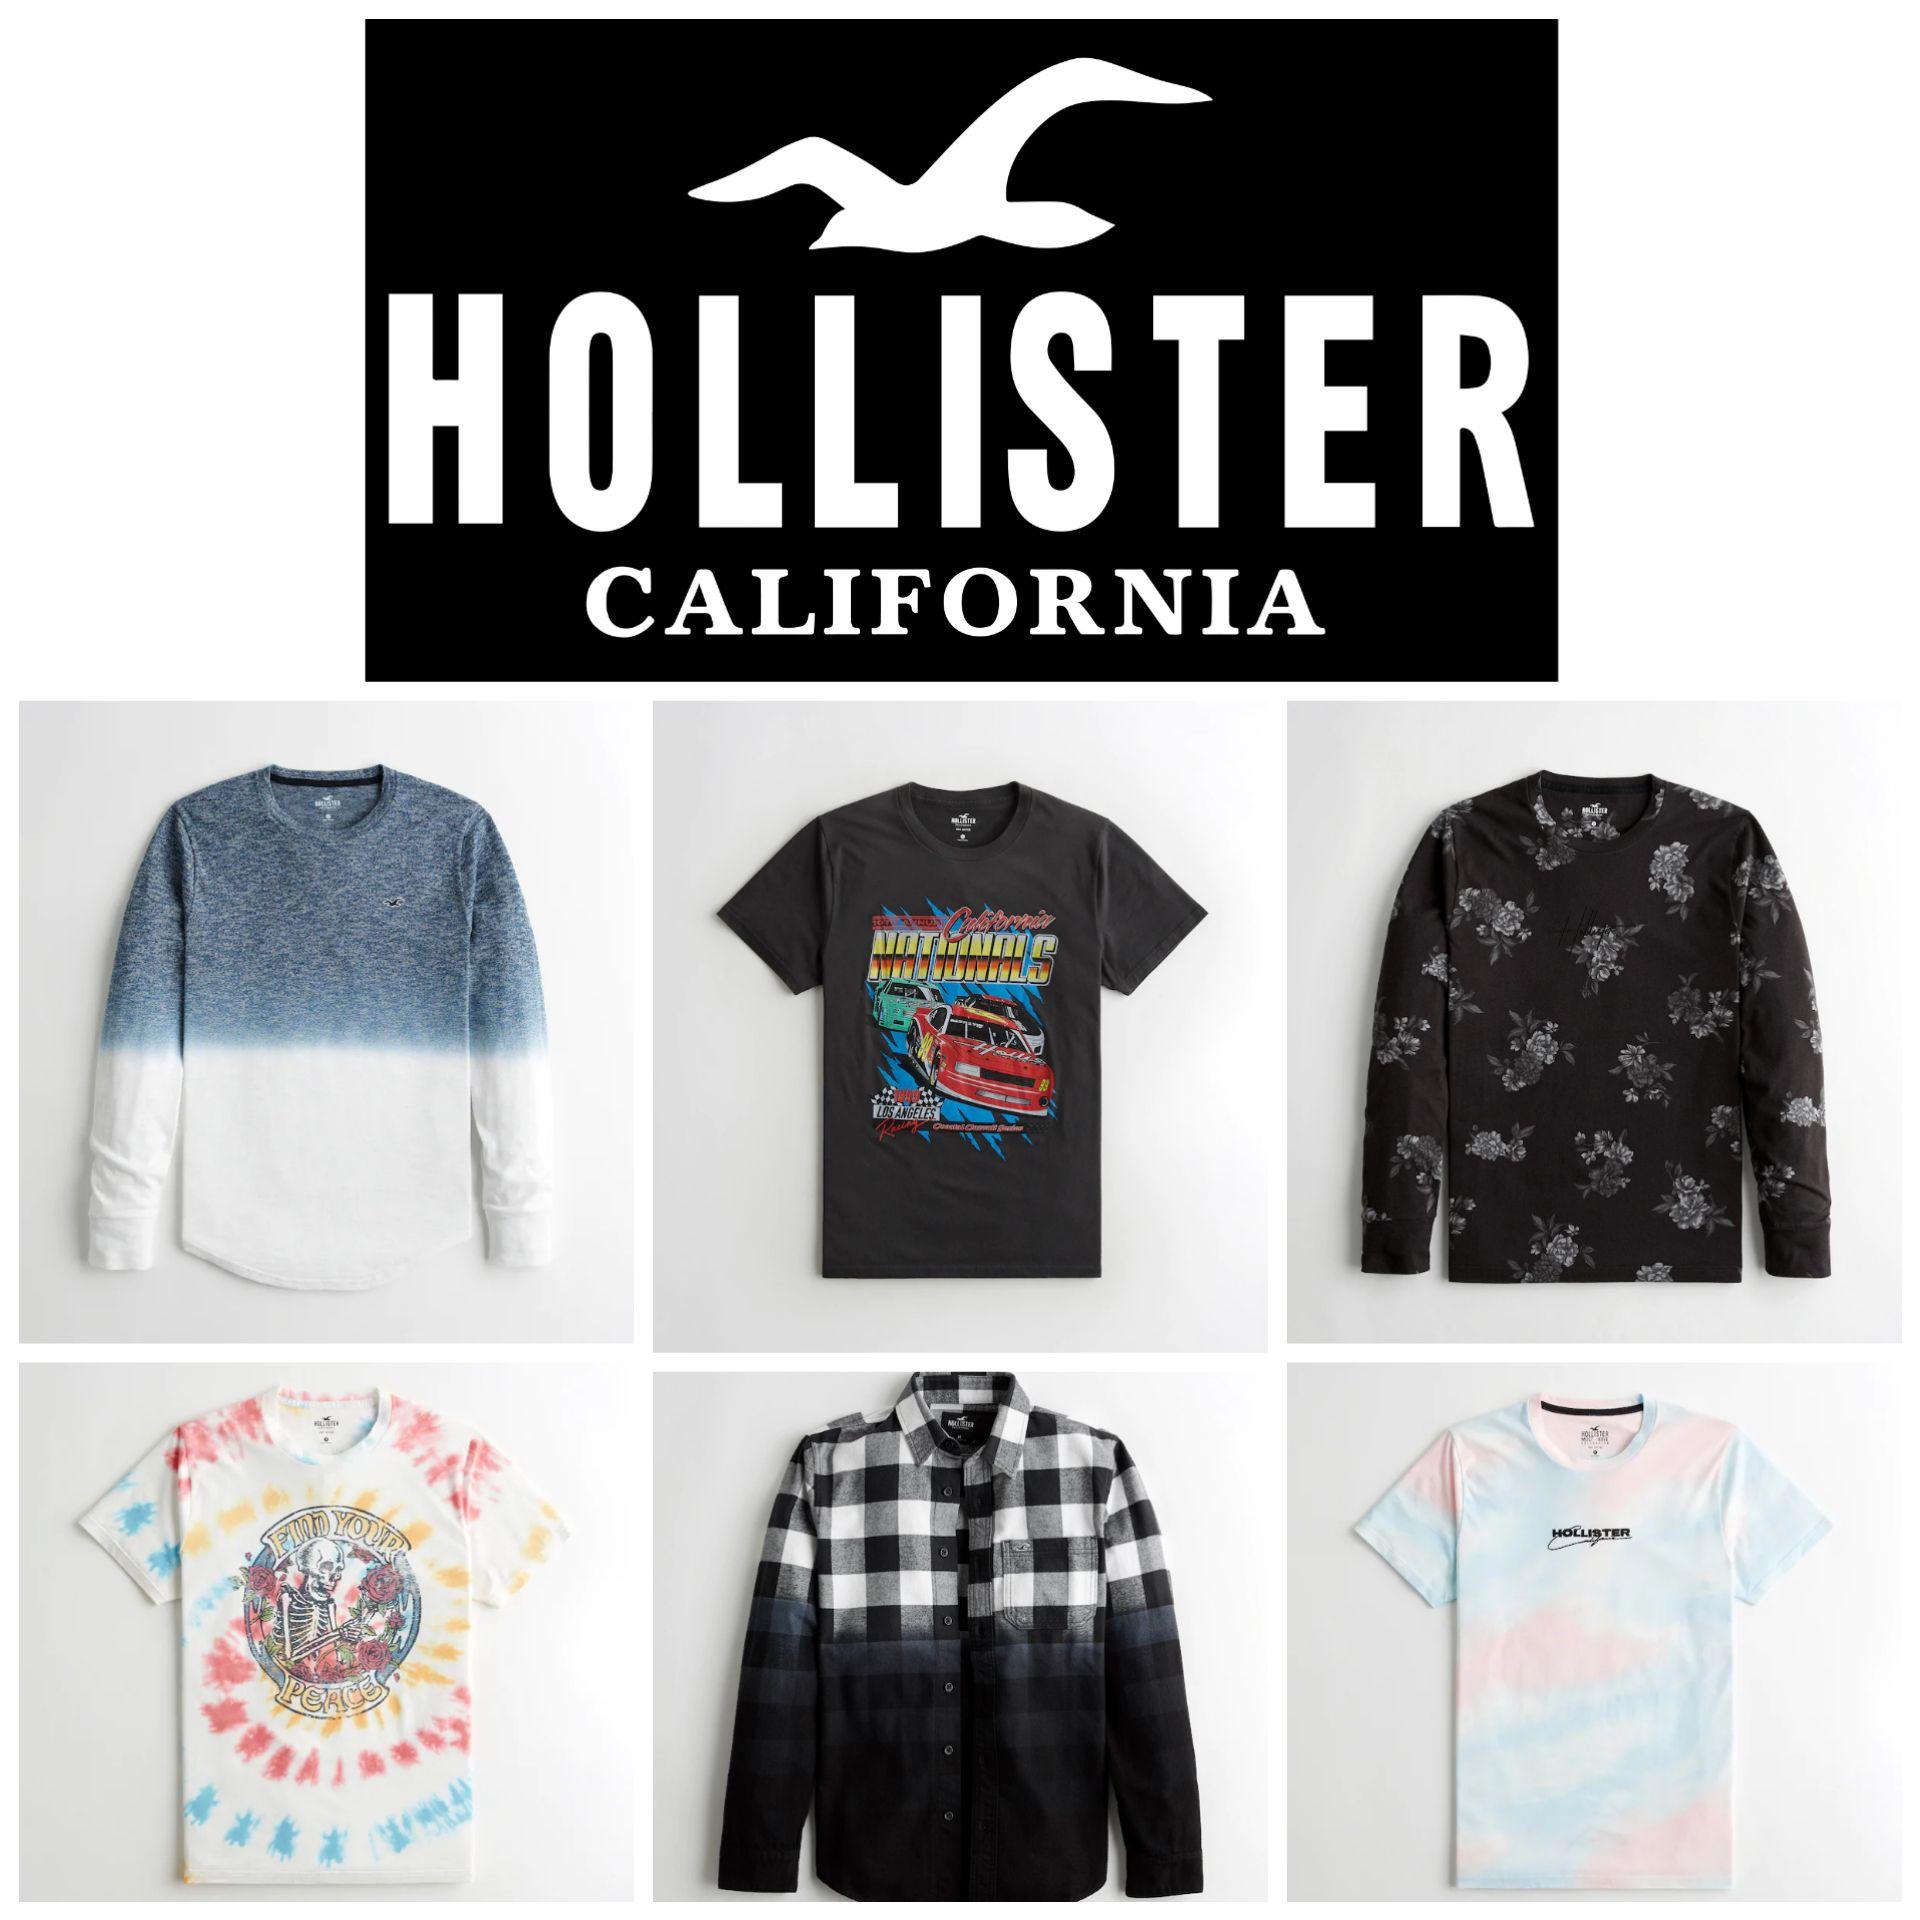 Camisetas Hollister para Hombre por menos de 15€ + 2° Unidad al 50%